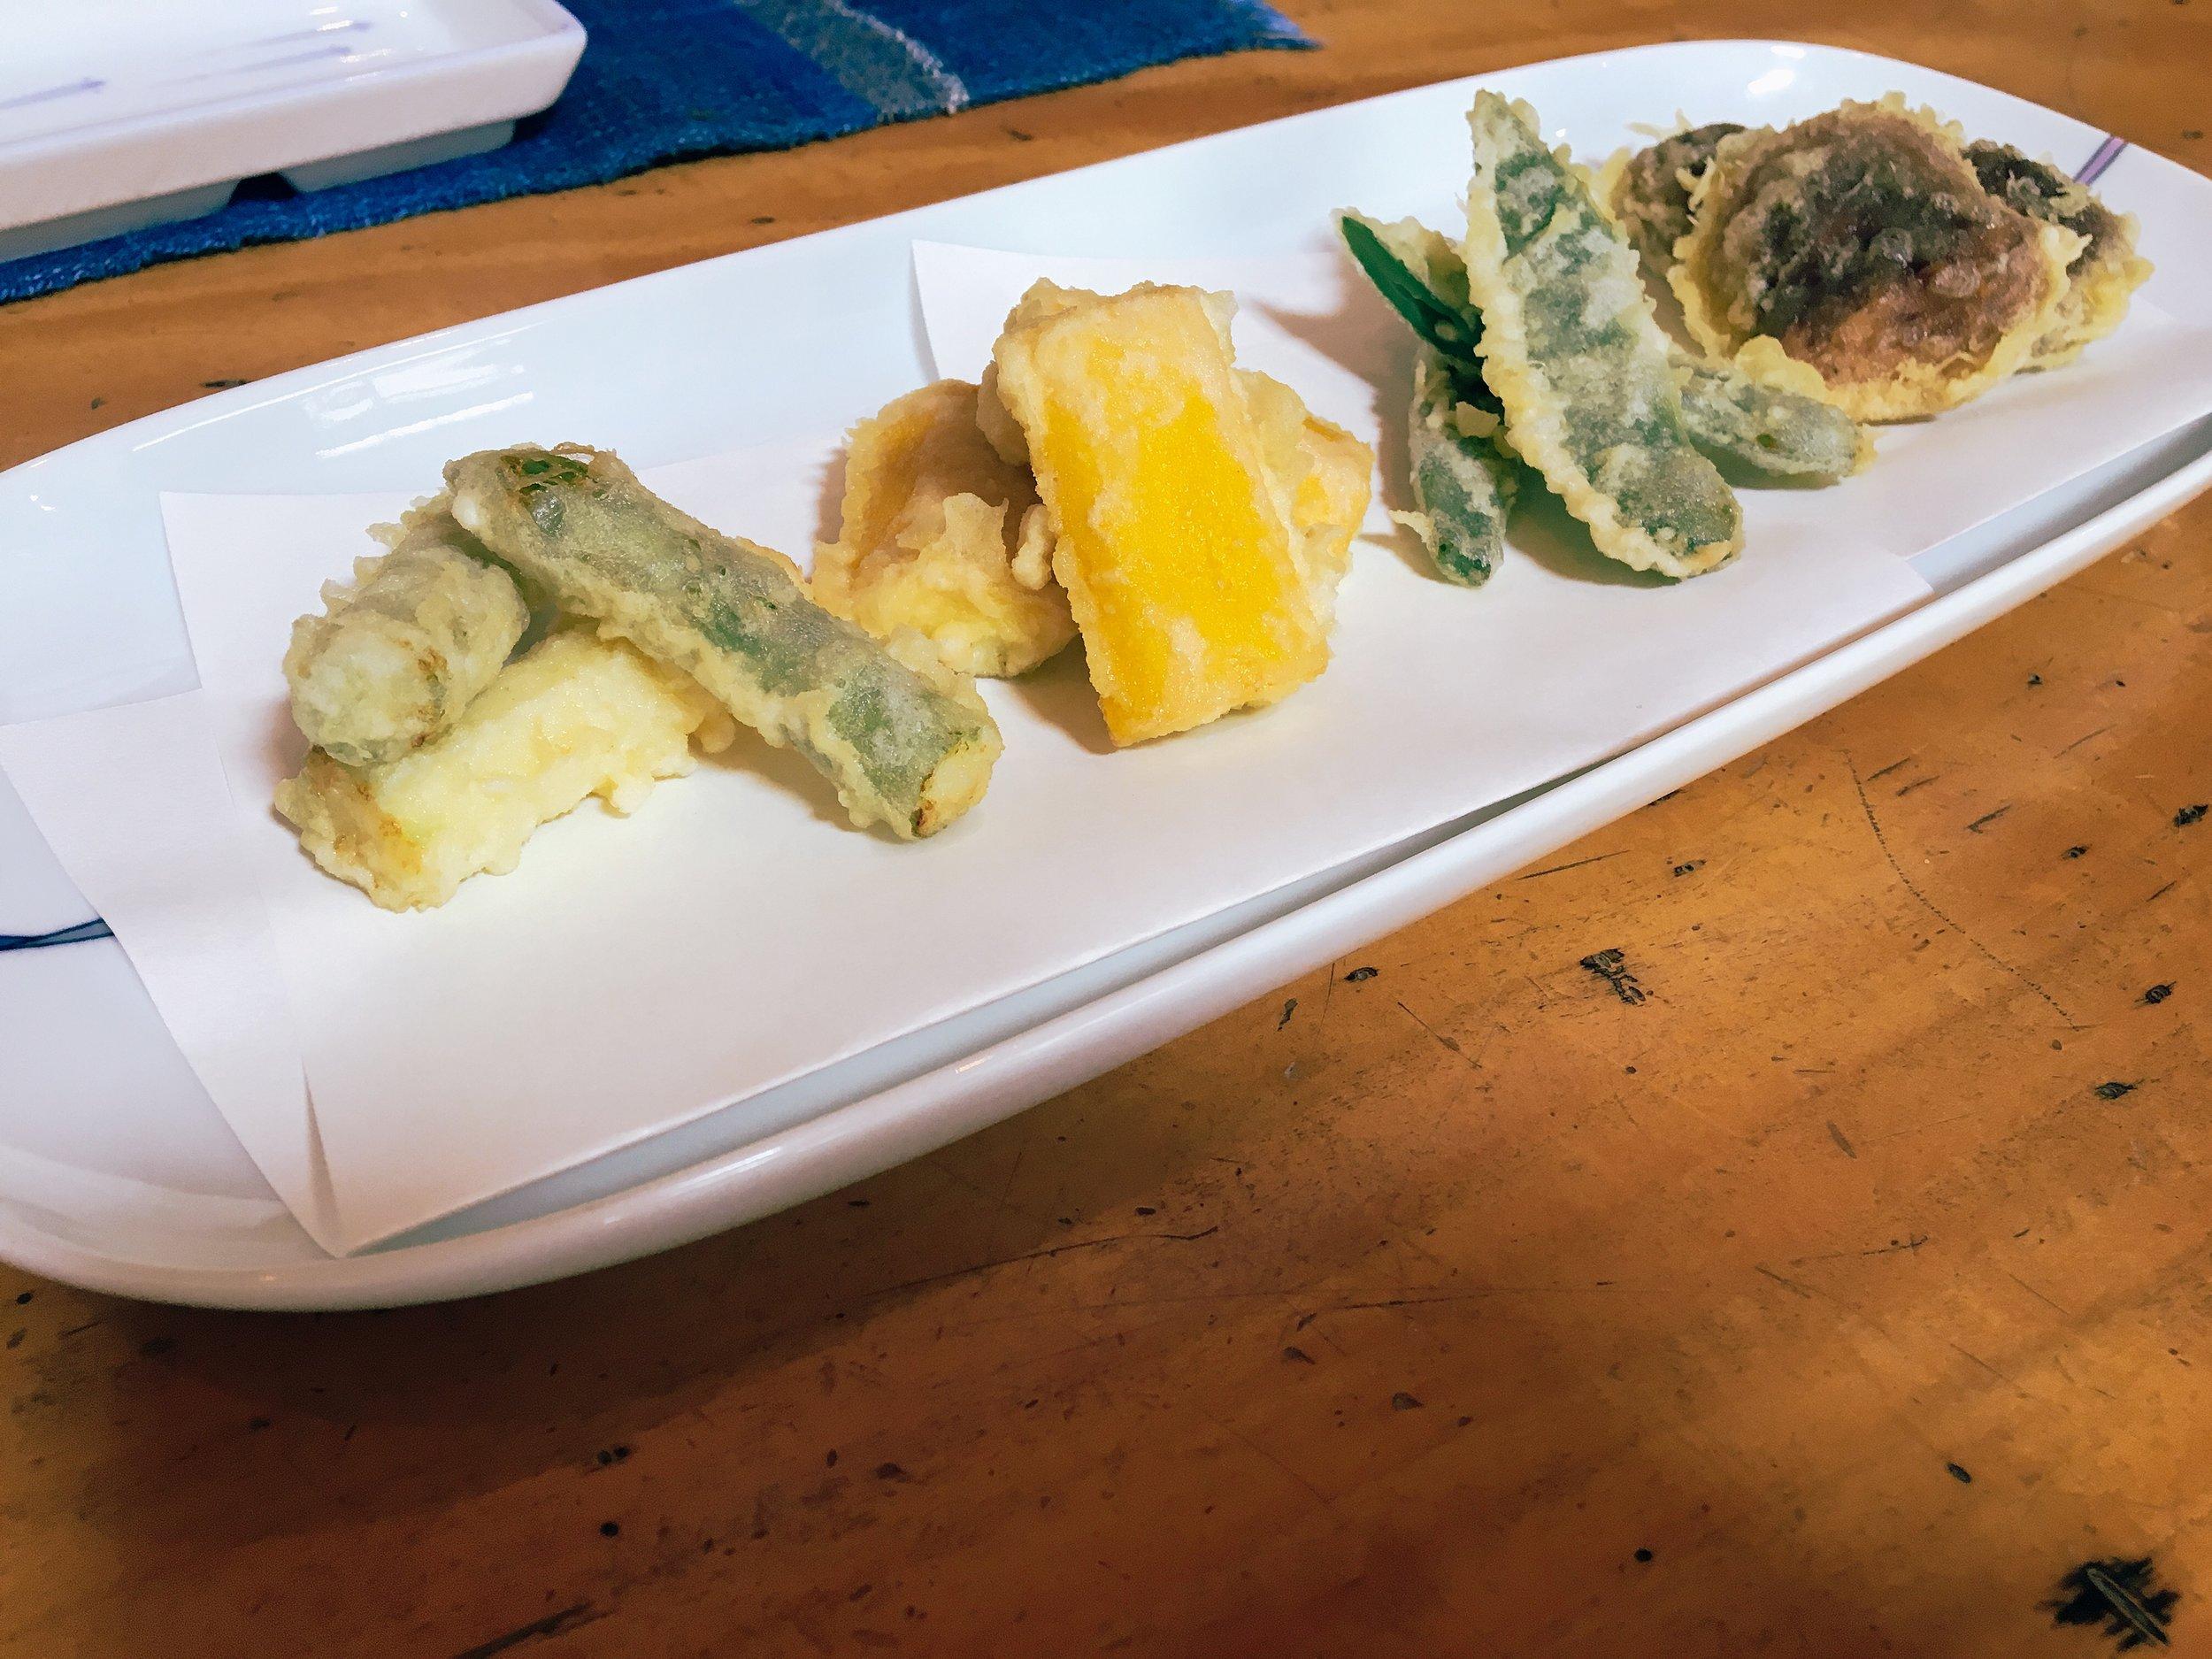 左からアスパラ、ズッキーニ、モロッコいんげん、しいたけの天ぷら